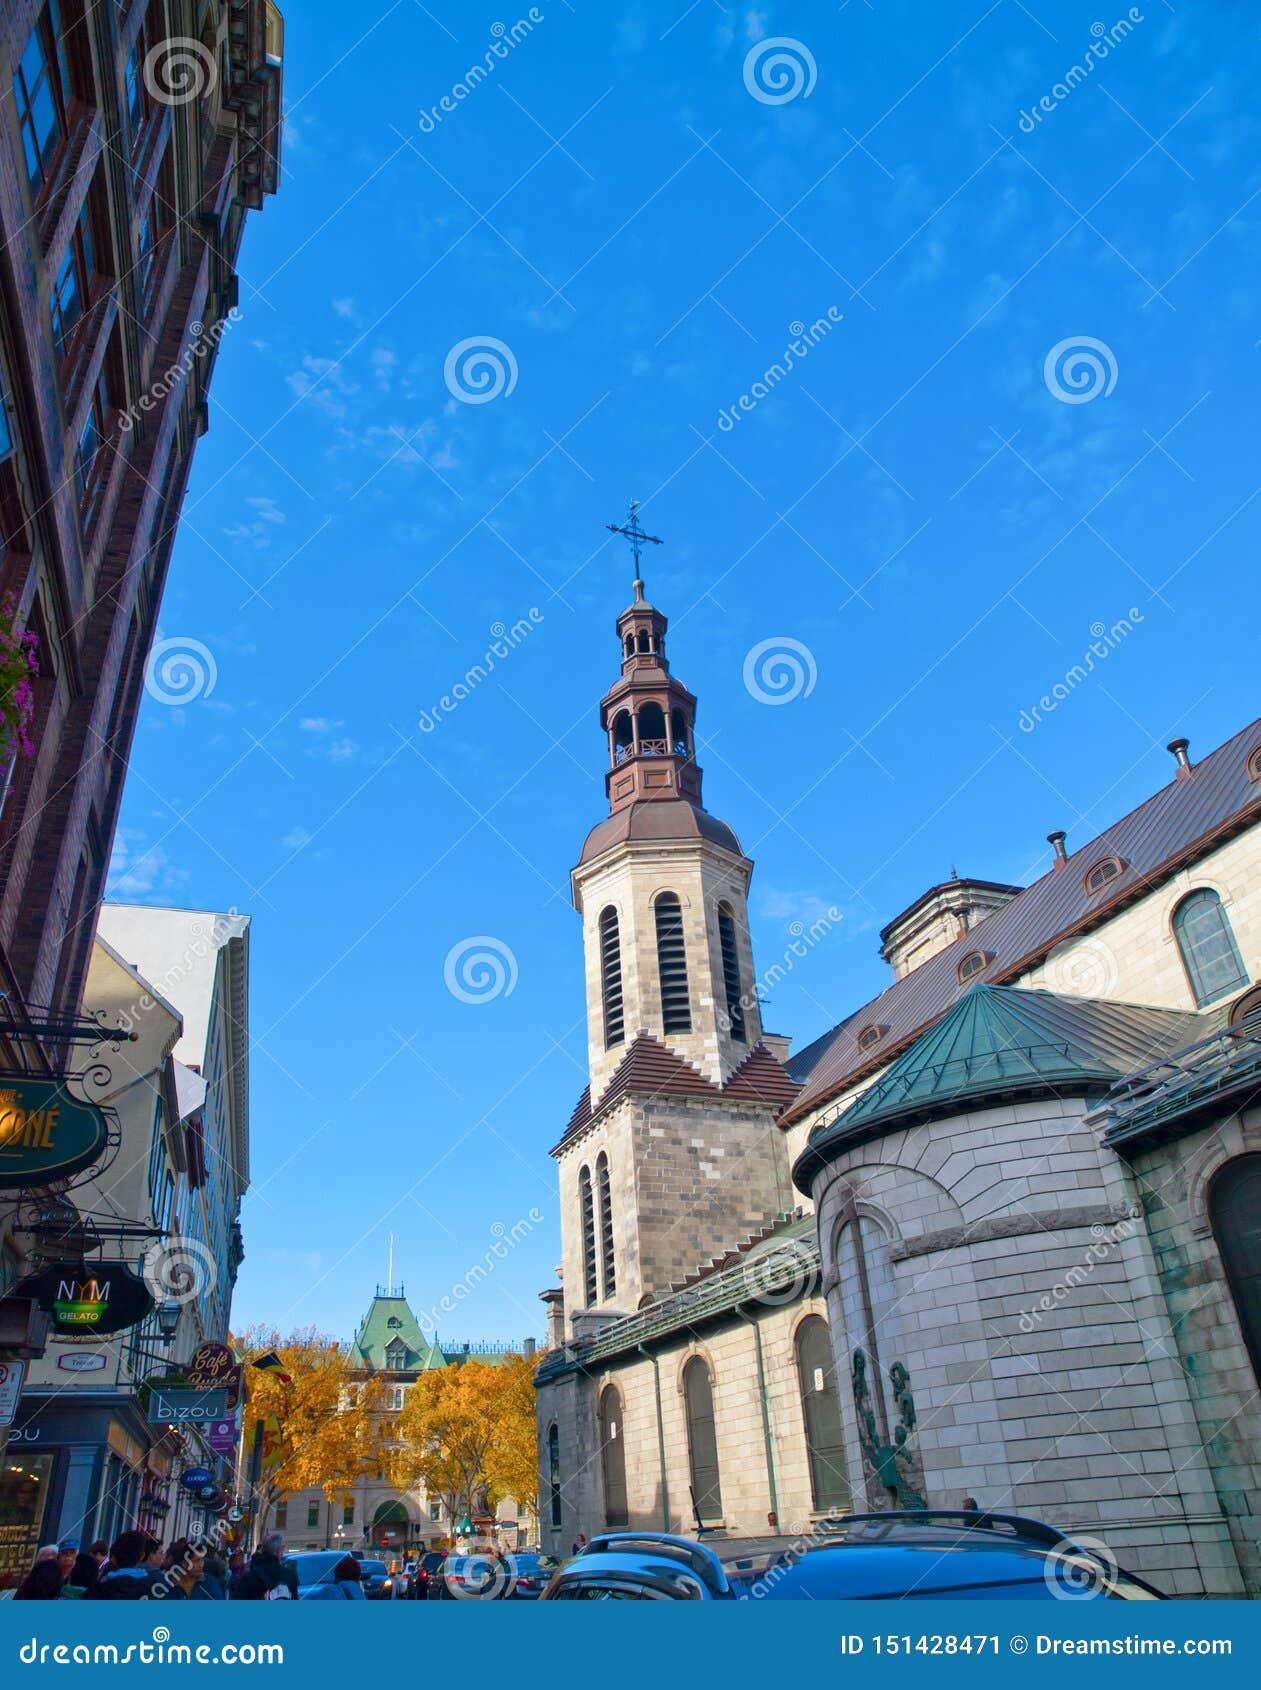 Une balade autour de vieille église du Québec